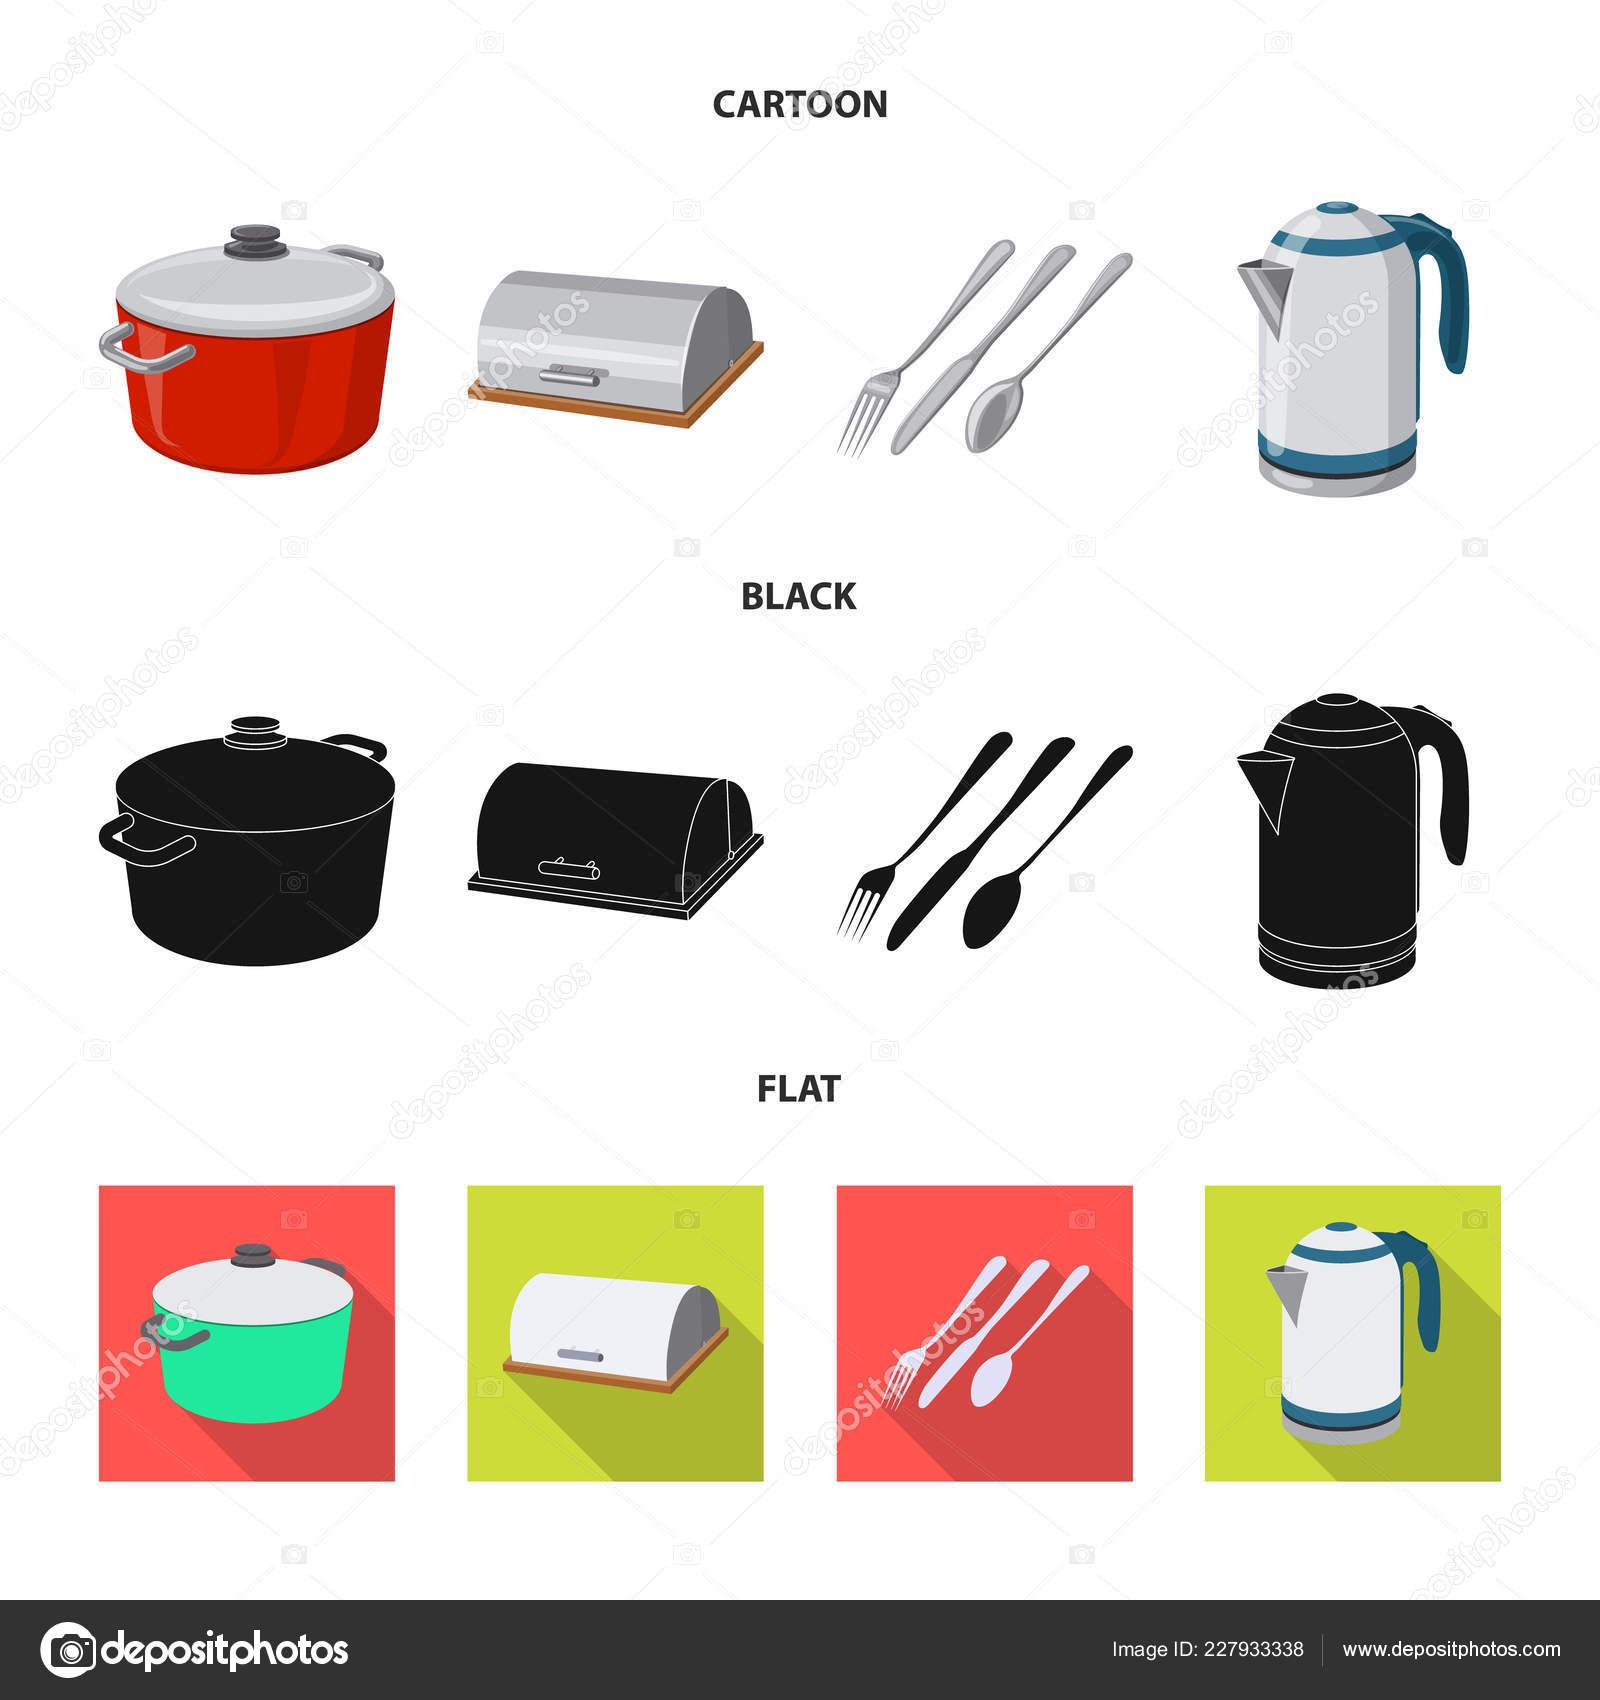 in stock kitchens kitchen sink hose 厨房和厨师图标的矢量设计 厨房和家电库存矢量图集 图库矢量图像 厨房和厨师象征的向量例证 库存厨房和家电矢量图标收藏 矢量图片magicleaf